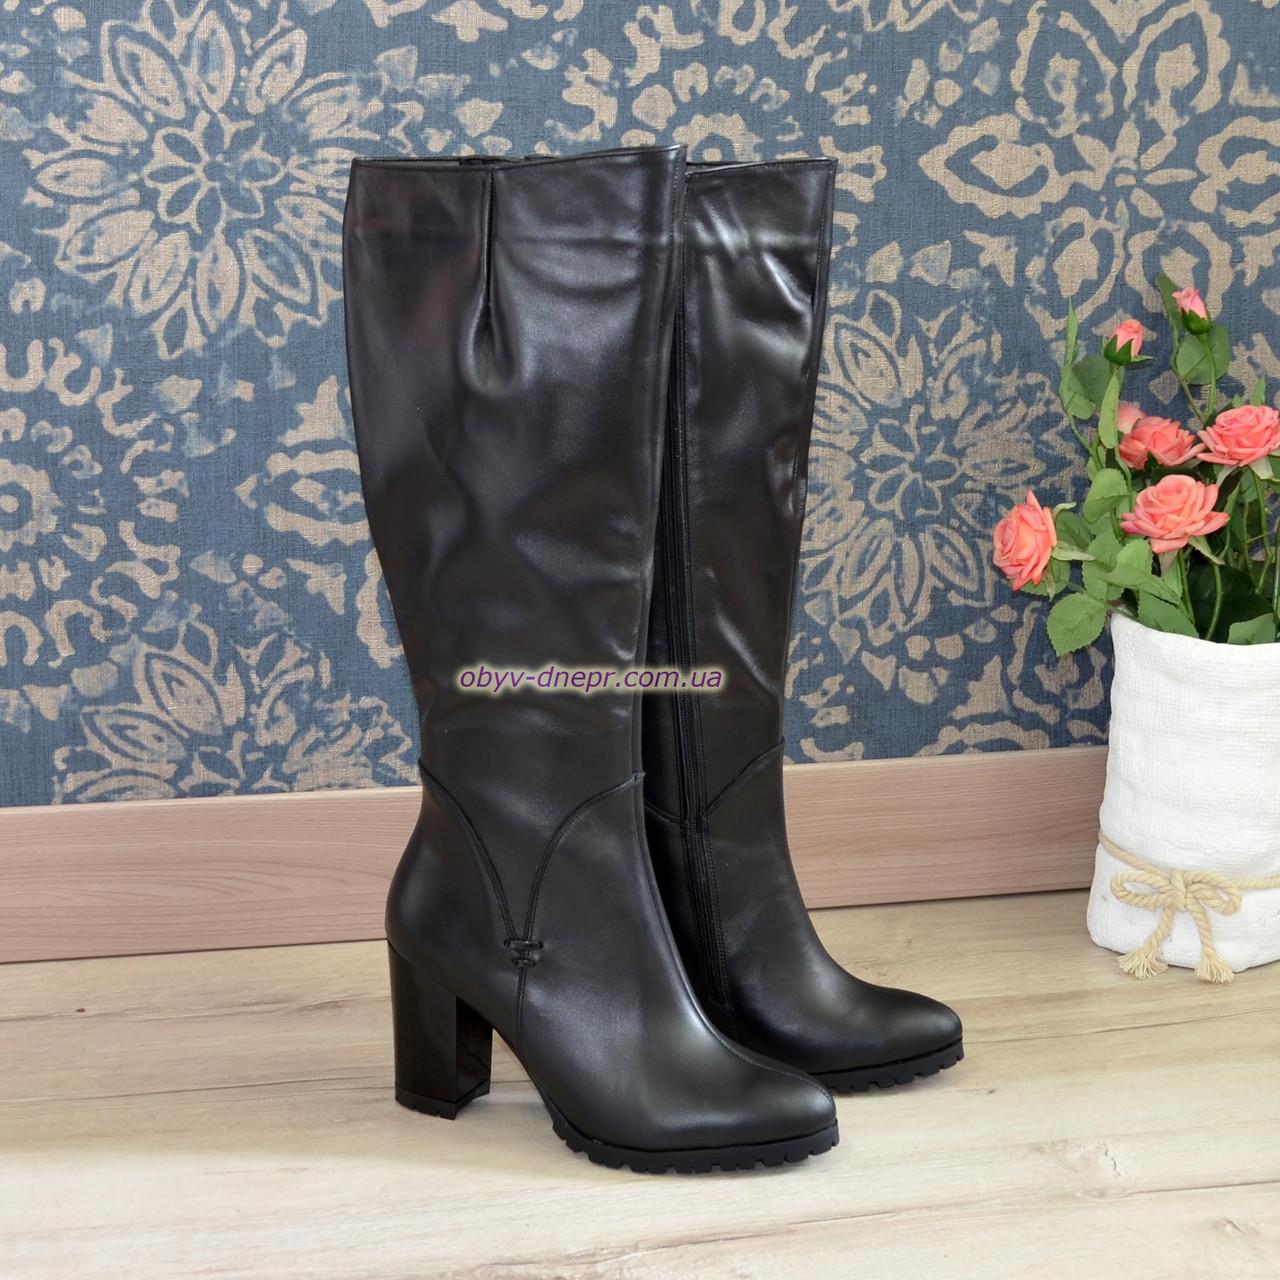 Сапоги кожаные демисезонные на высоком каблуке, классическая модель